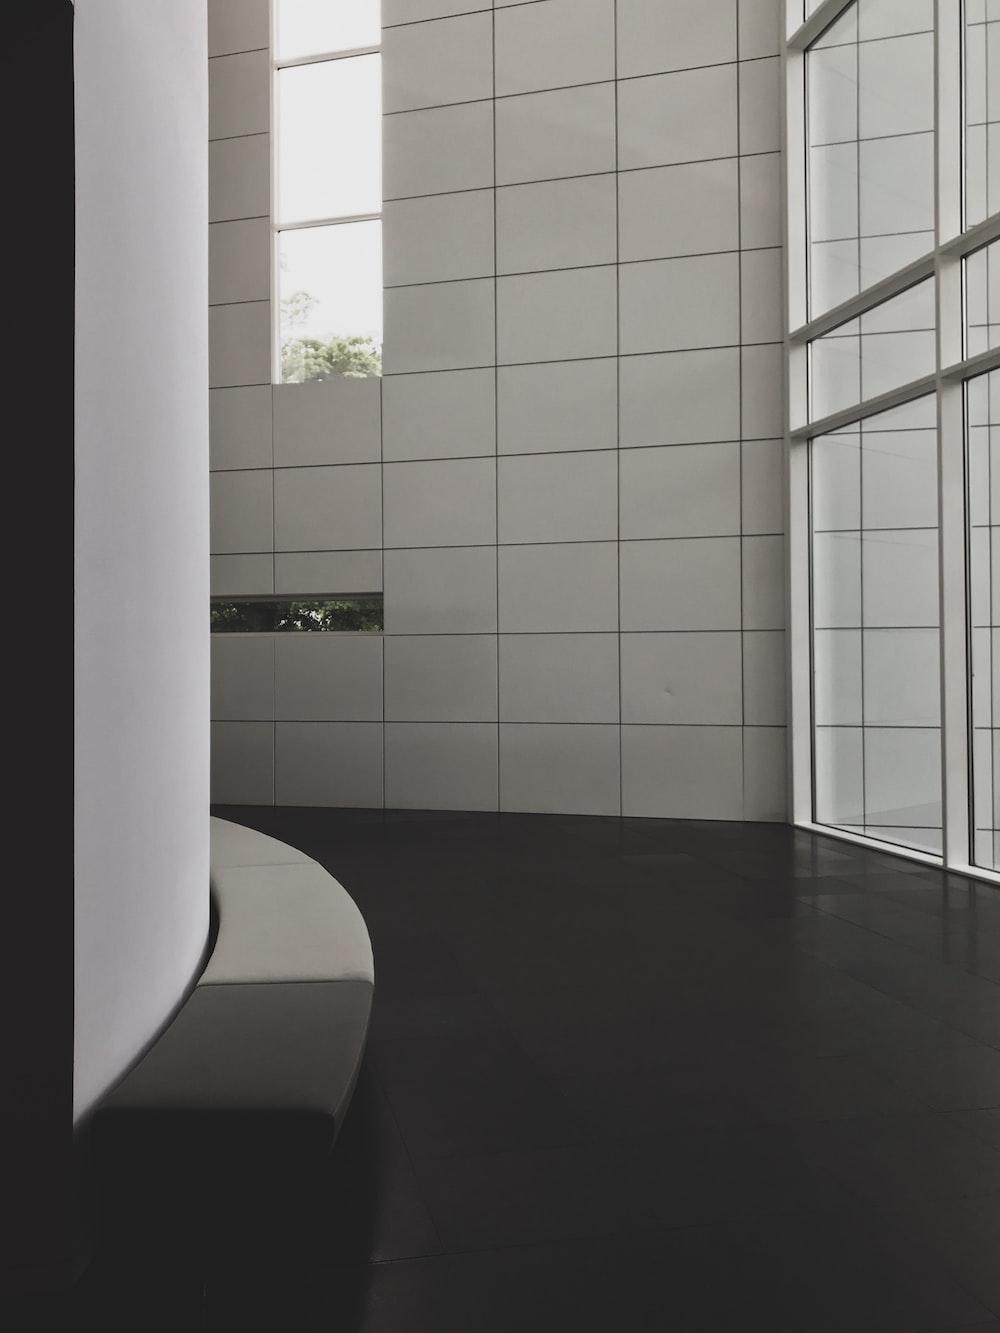 empty hallway near glass wall